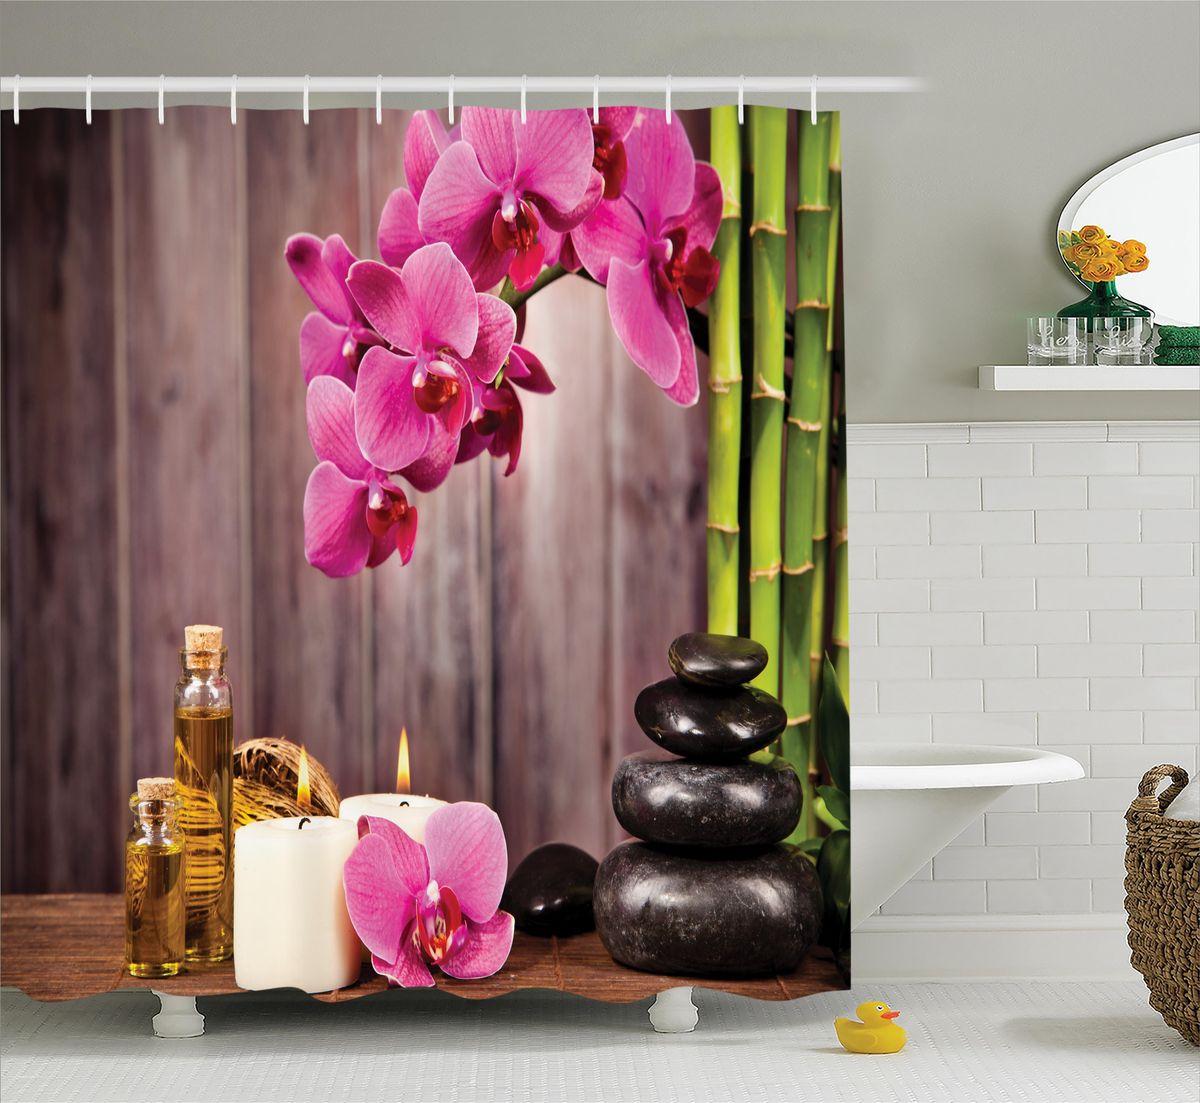 Штора для ванной комнаты Magic Lady Орхидеи и свечи, 180 х 200 смшв_12497Штора Magic Lady Орхидеи и свечи, изготовленная из высококачественного сатена (полиэстер 100%), отлично дополнит любой интерьер ванной комнаты. При изготовлении используются специальные гипоаллергенные чернила для прямой печати по ткани, безопасные для человека.В комплекте: 1 штора, 12 крючков. Обращаем ваше внимание, фактический цвет изделия может незначительно отличаться от представленного на фото.